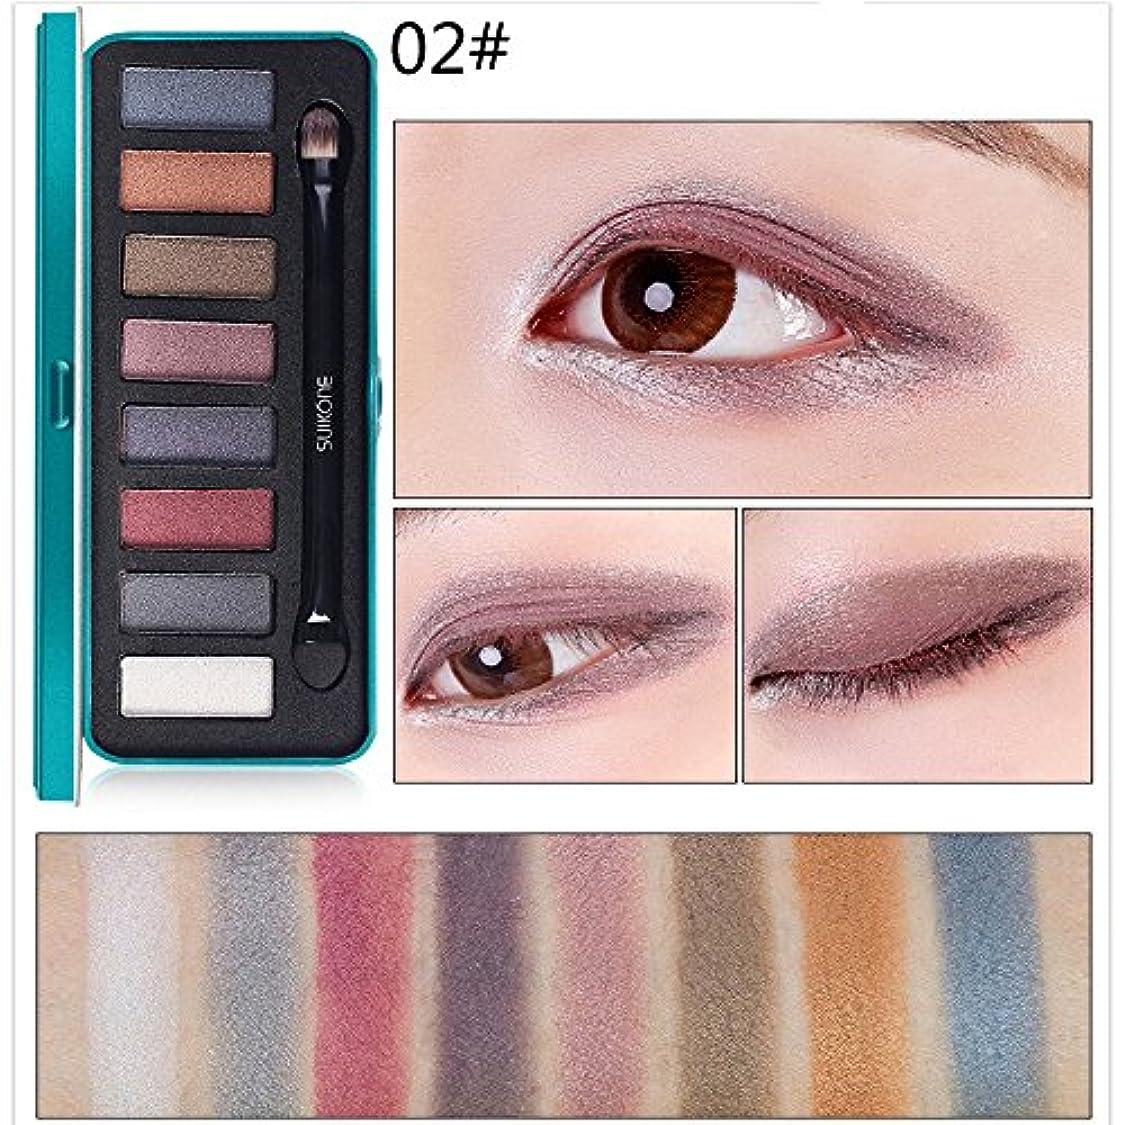 電話をかける非効率的な靄Akane アイシャドウパレット Suikone ファッション 人気 気質的 綺麗 メタルボックス 魅力的 チャーム 防水 長持ち おしゃれ 持ち便利 Eye Shadow (8色)